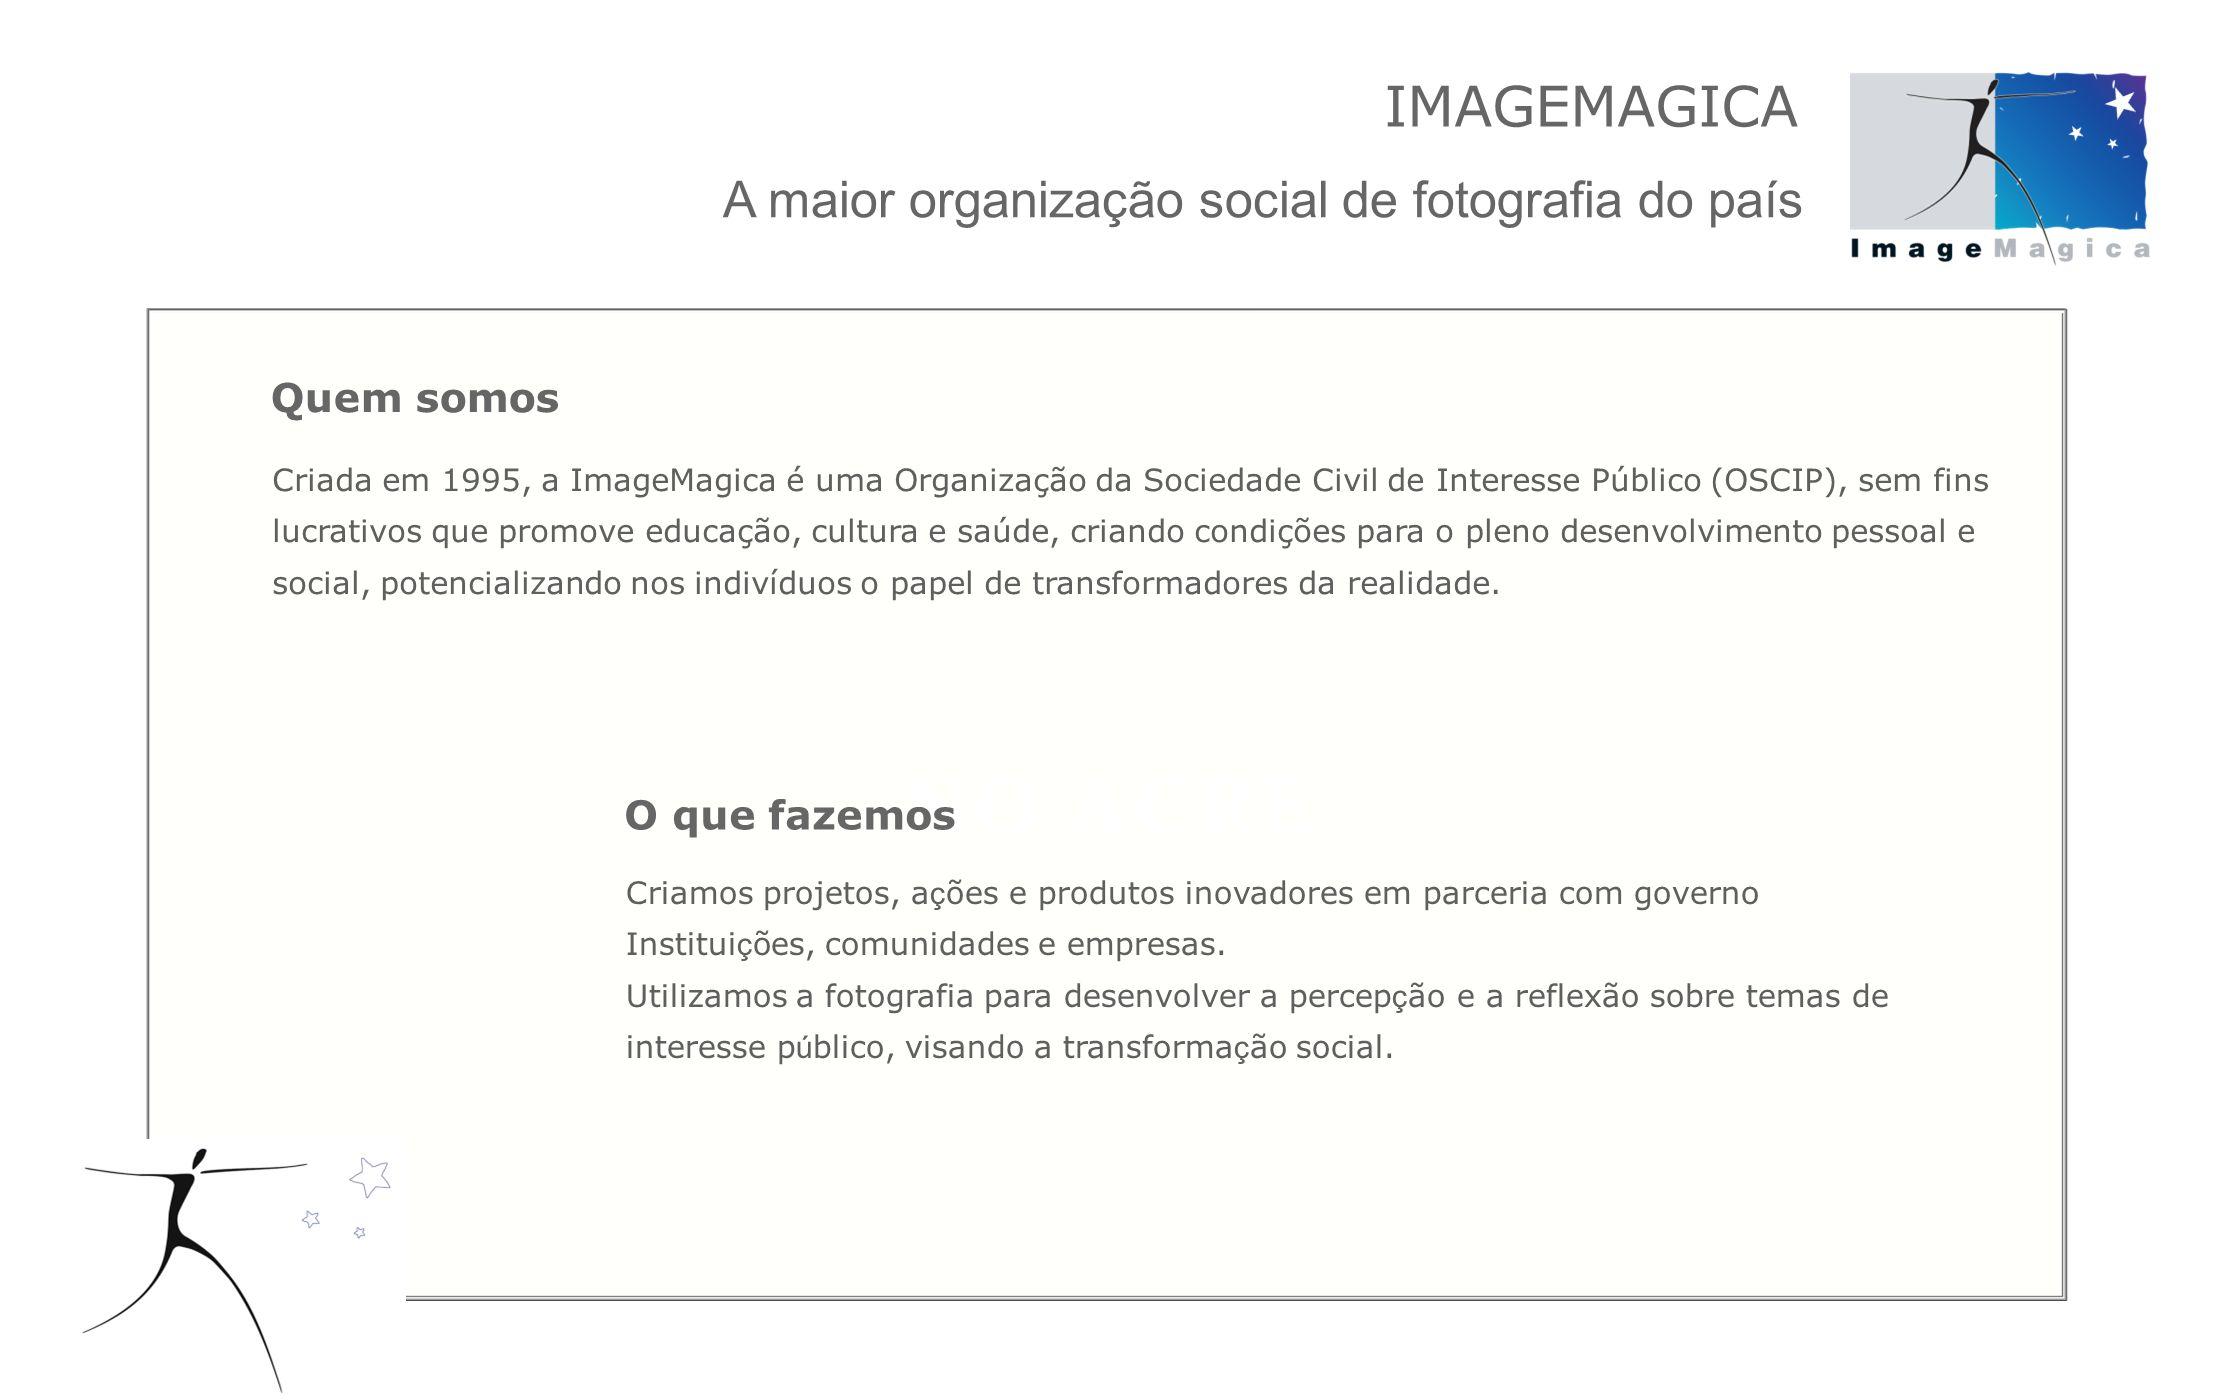 Desenvolvemos nossos projetos com base em dois princípios fundamentais: a dedicação na busca dos resultados sociais e a valorização de nossos parceiros.